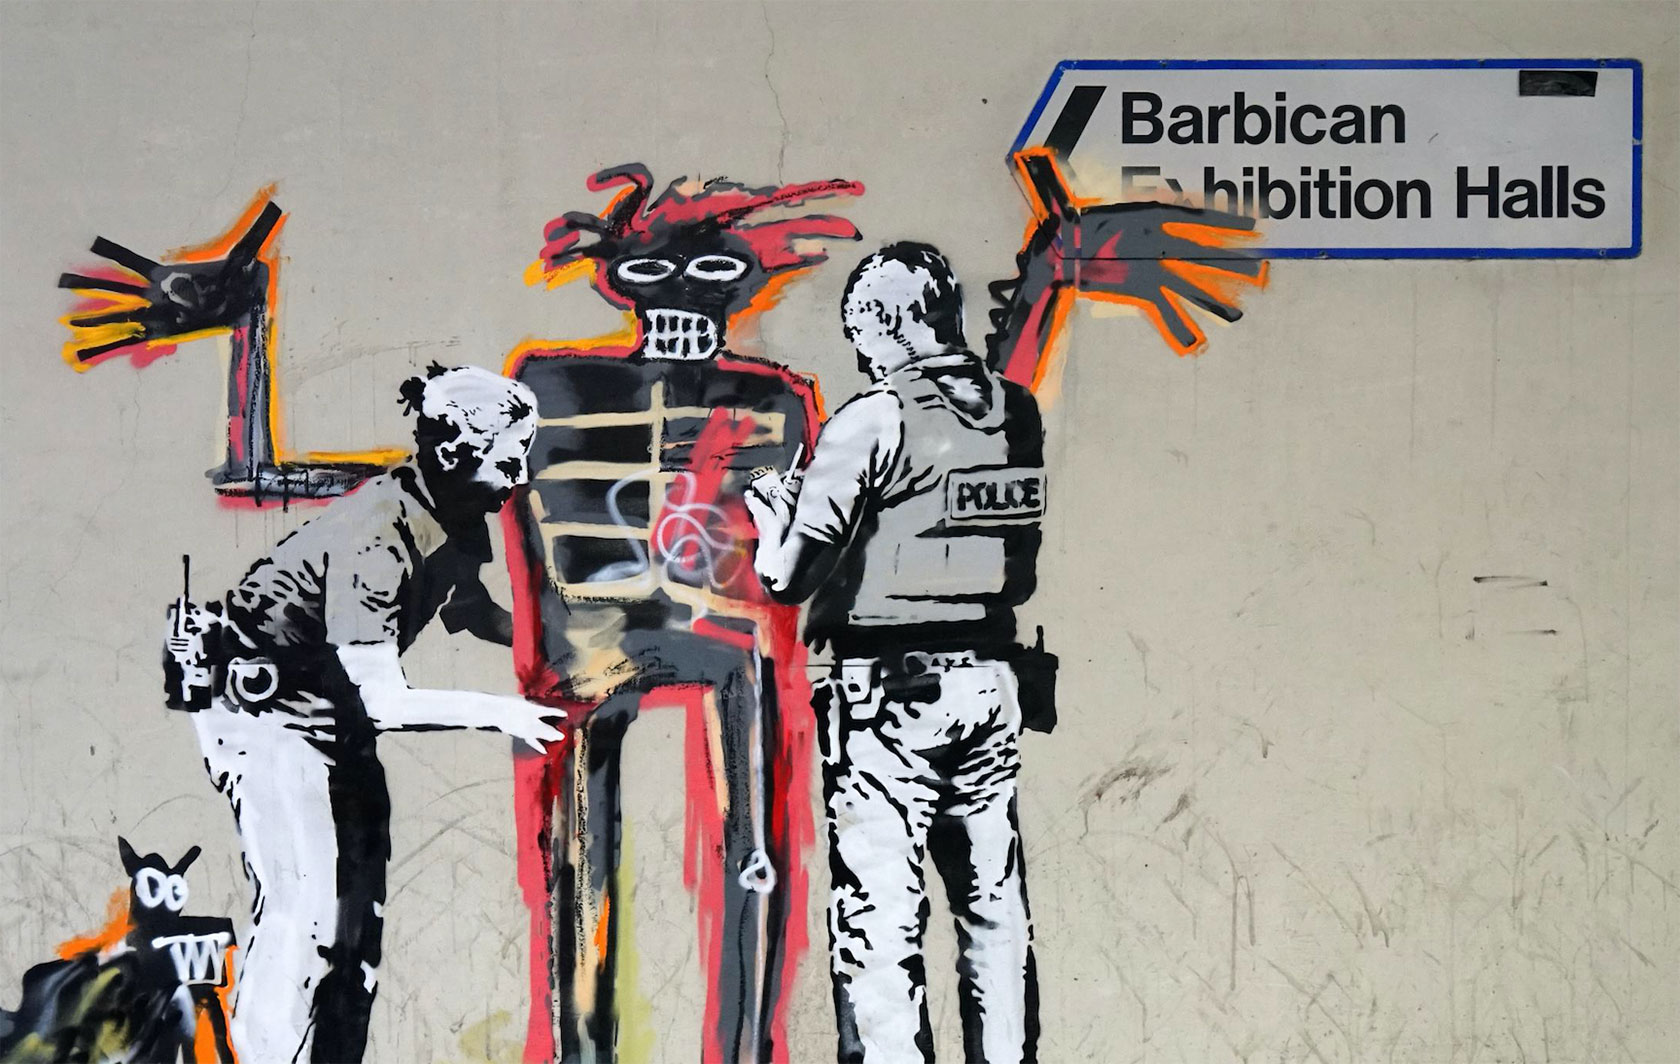 L'omaggio di Banksy a Jean-Michel Basquiat. Due nuovi muri a Londra